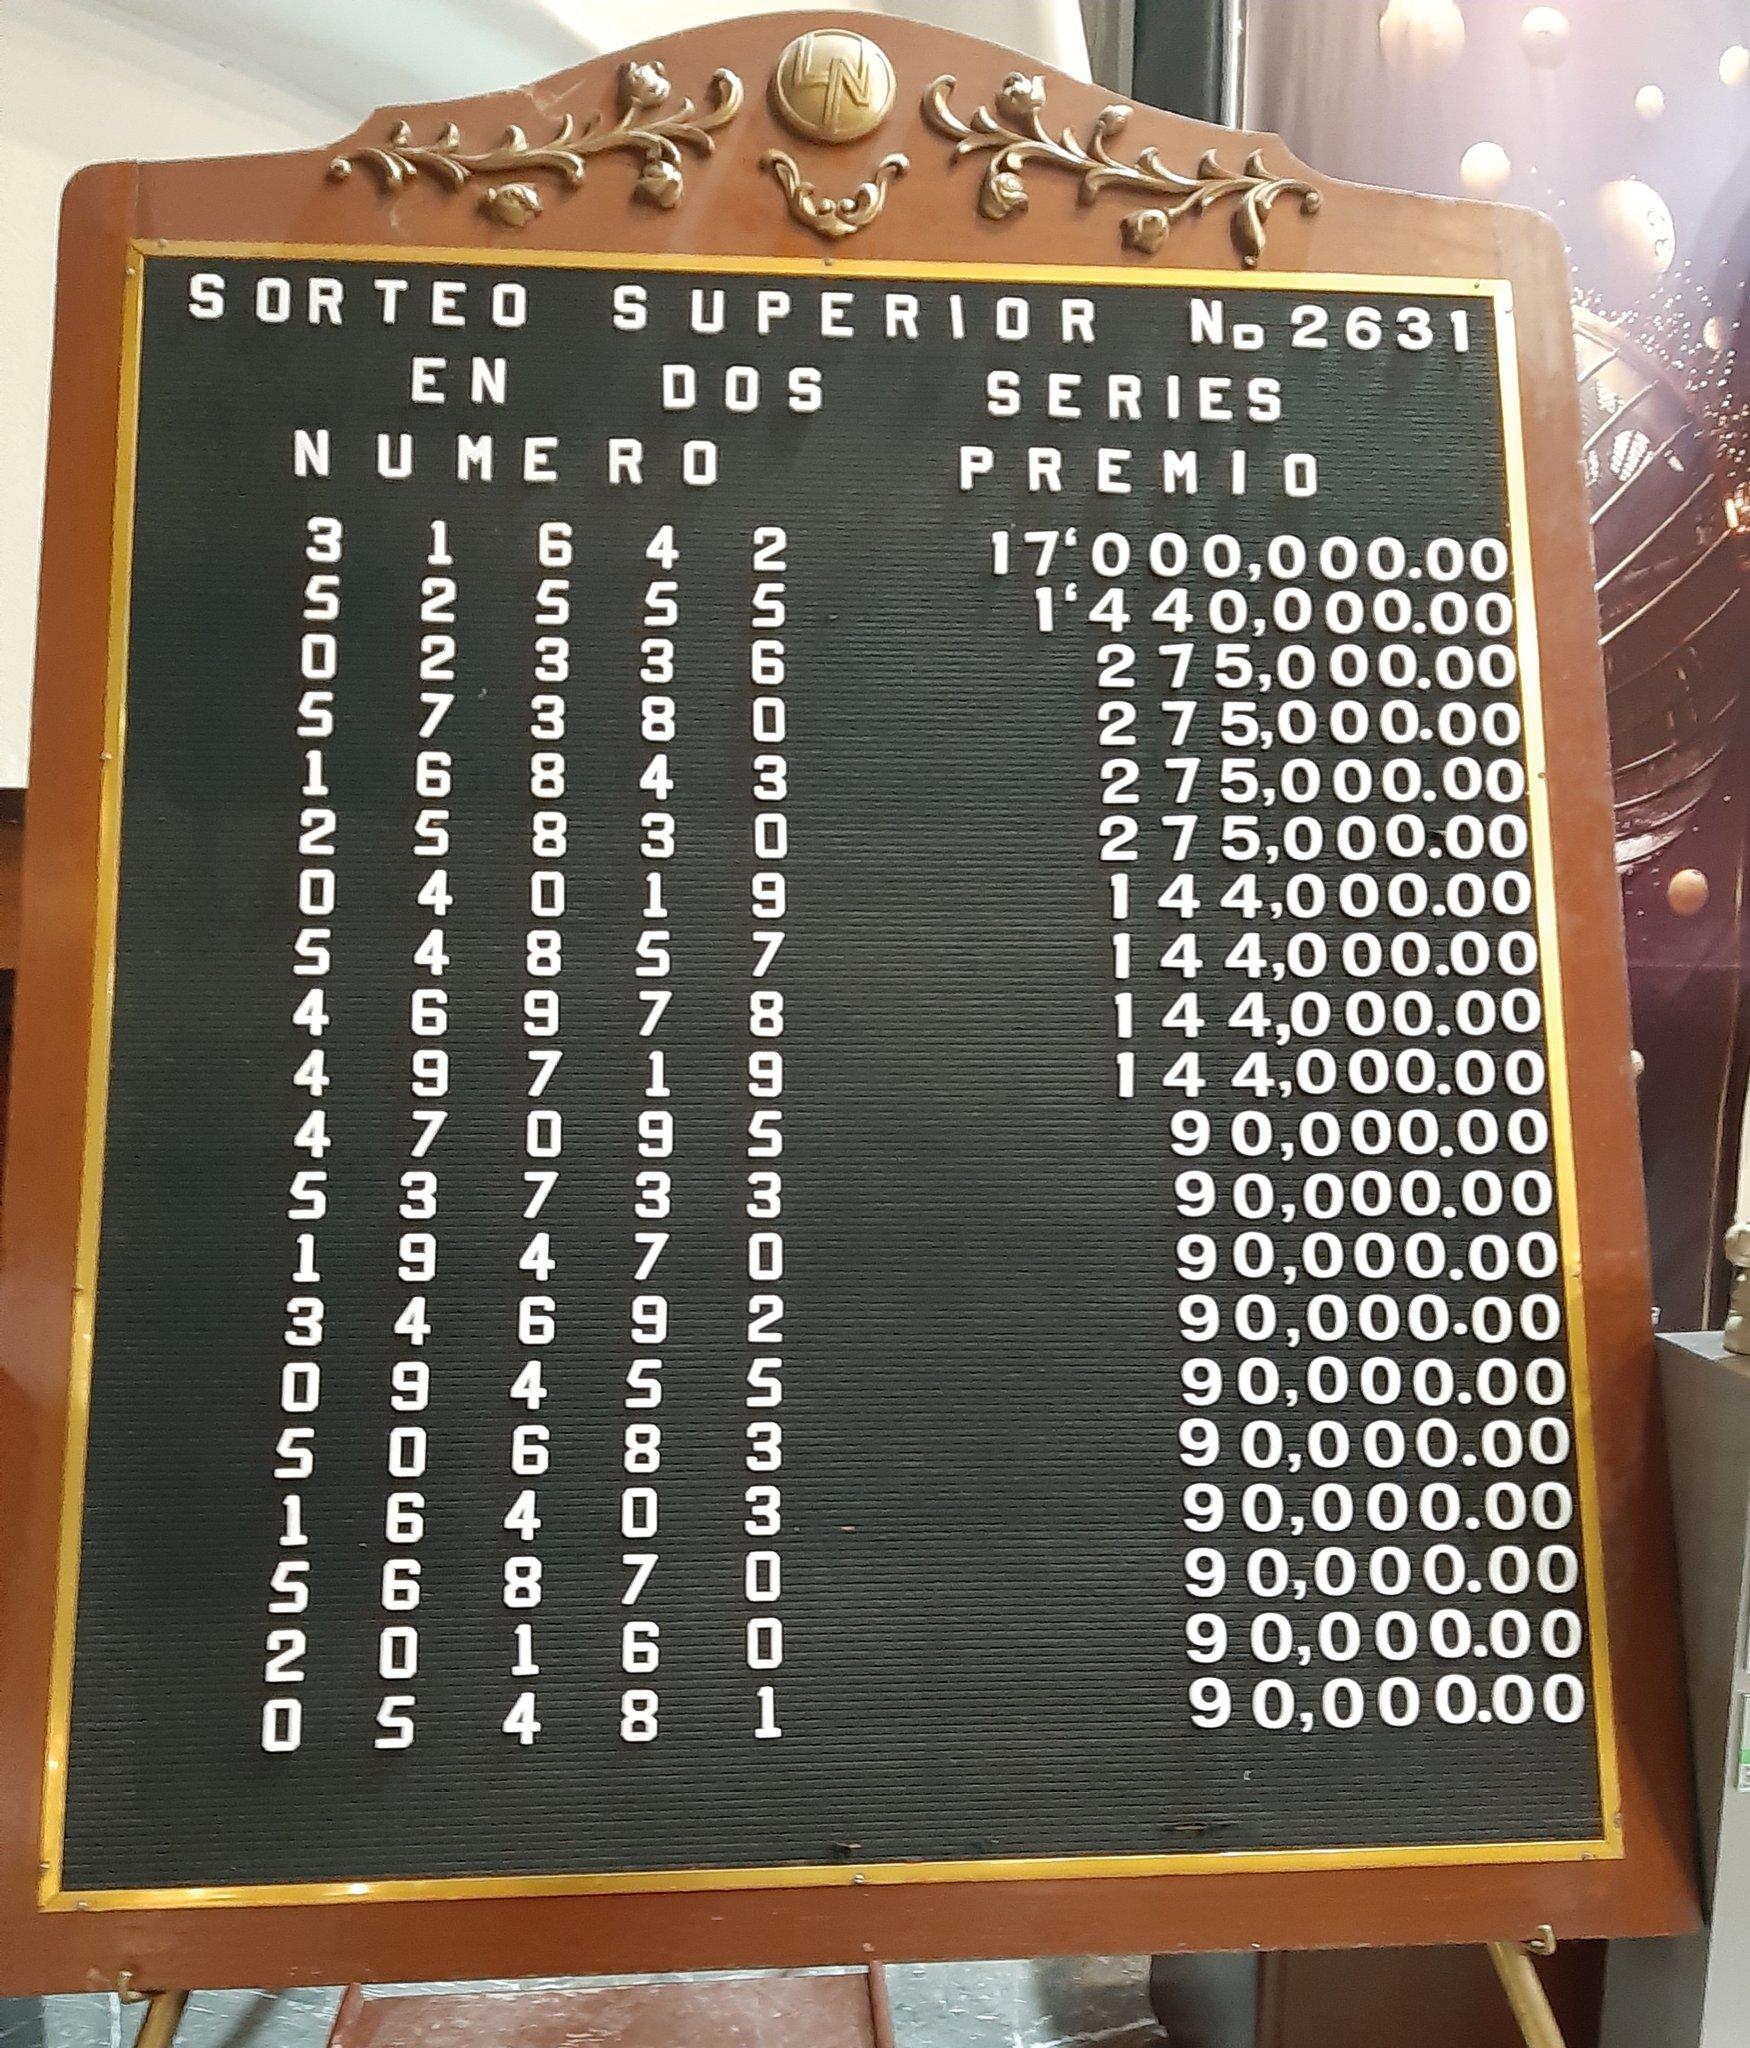 Resultados sorteo superior 2631